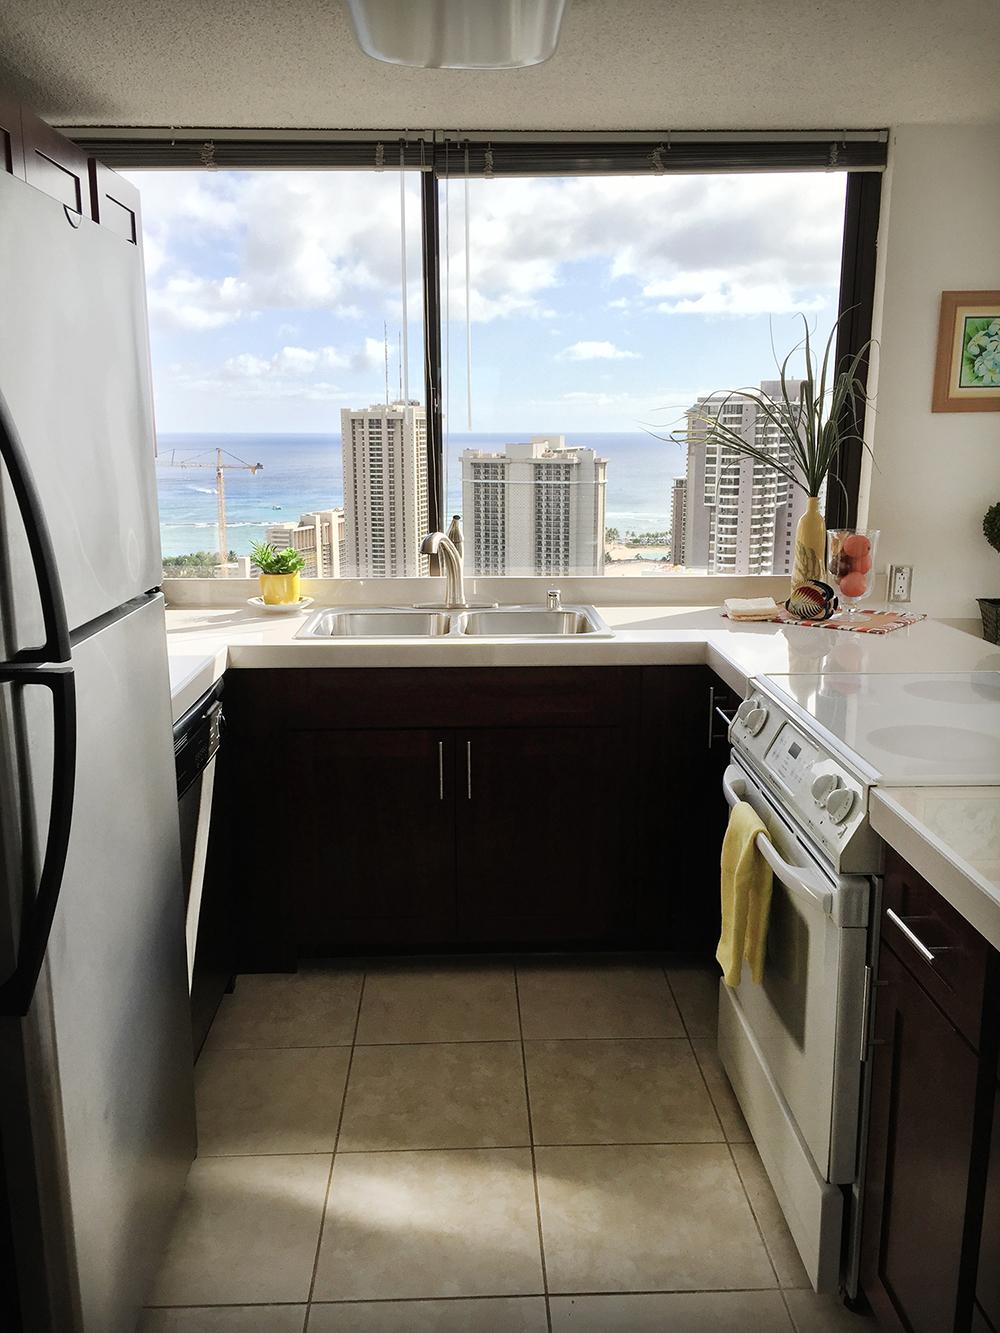 Hawaii Ocean Club Realty Group